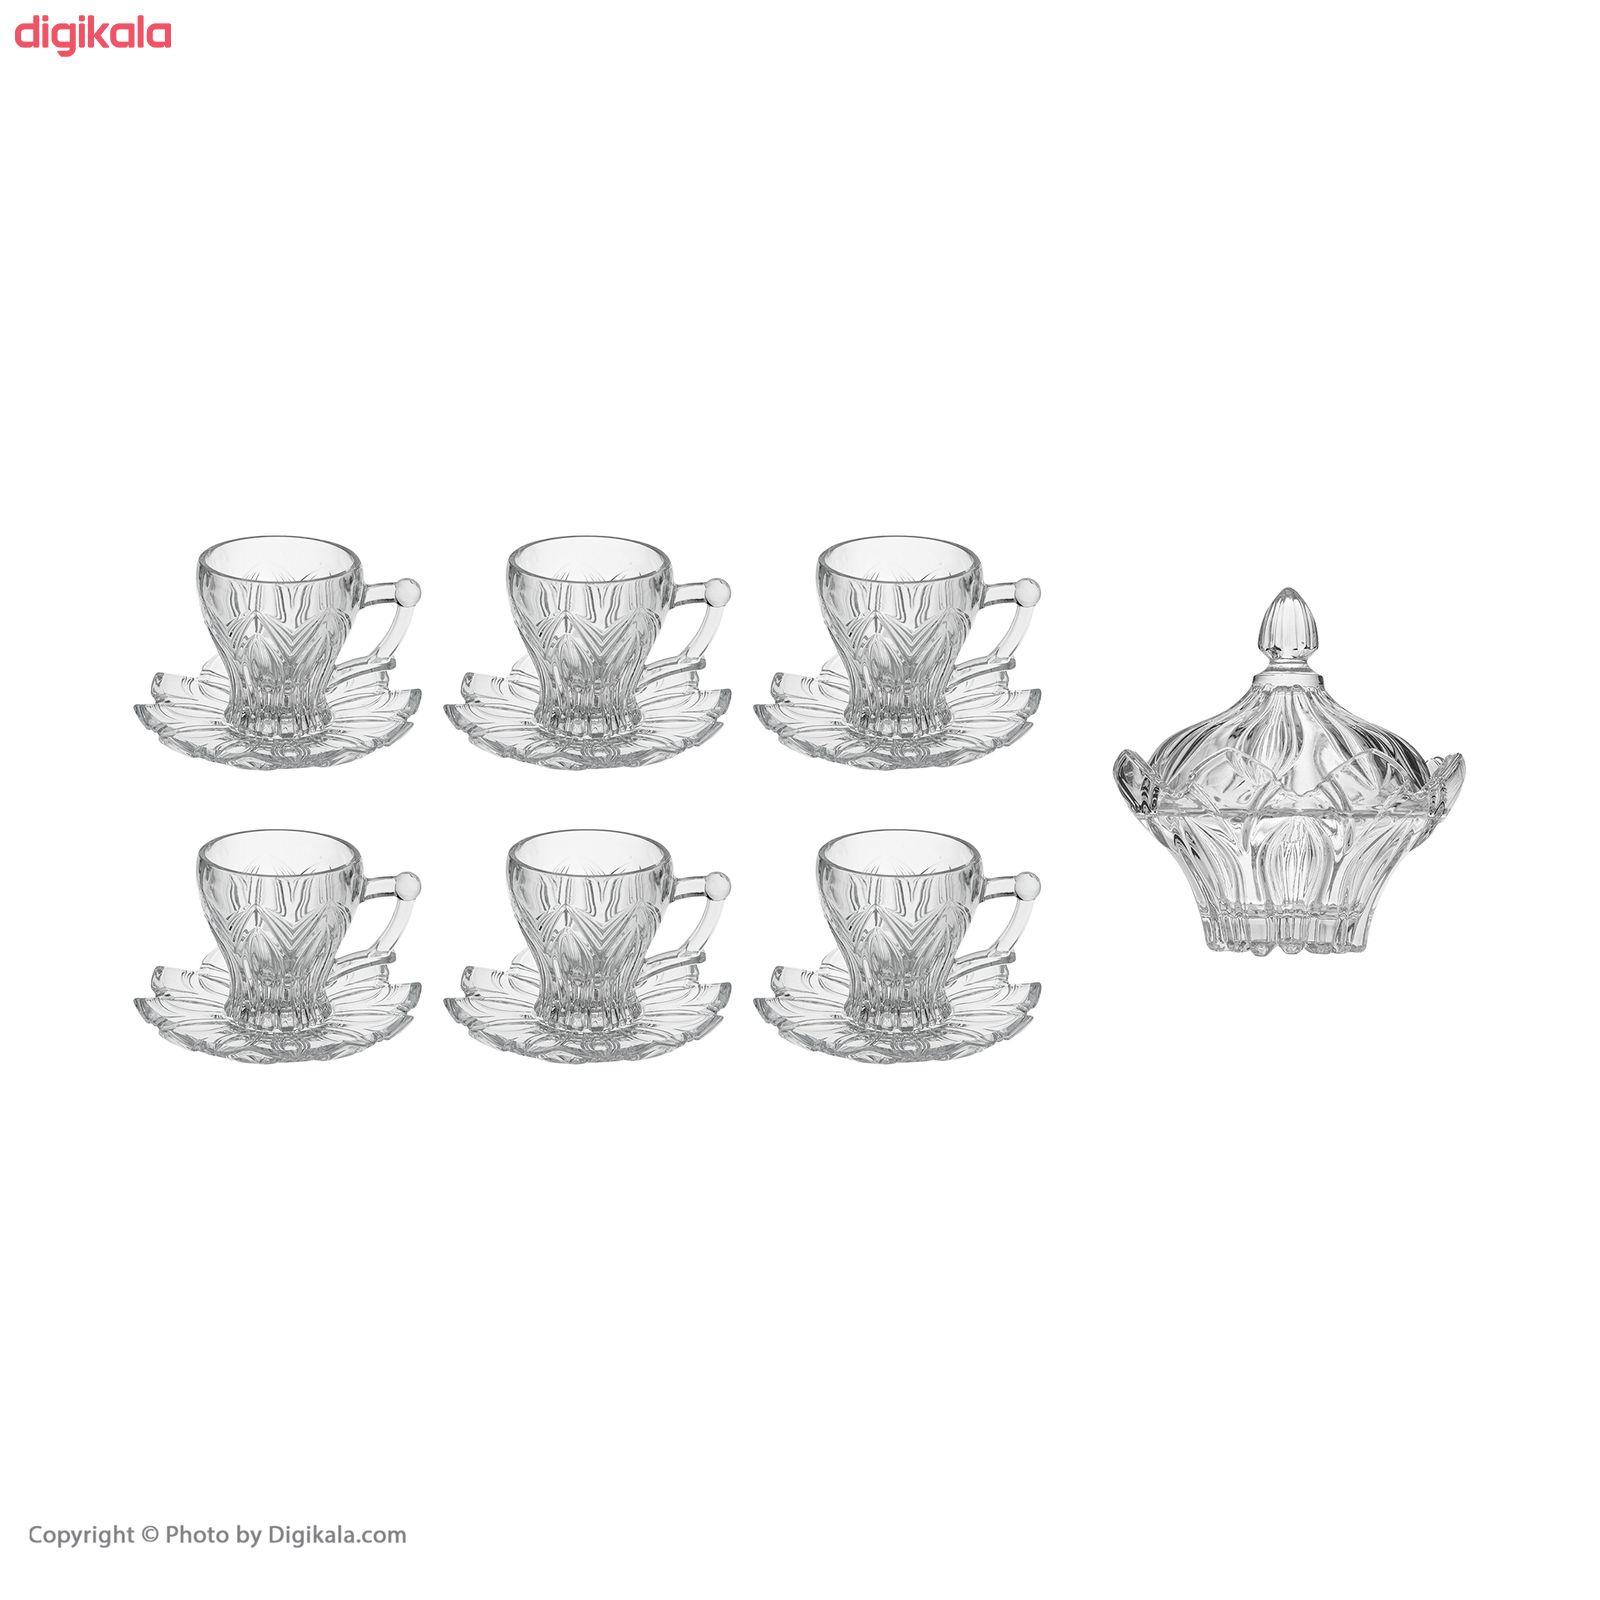 سرویس چای خوری 14 پارچه ساکورا مدل ویلا کد 572102W main 1 14